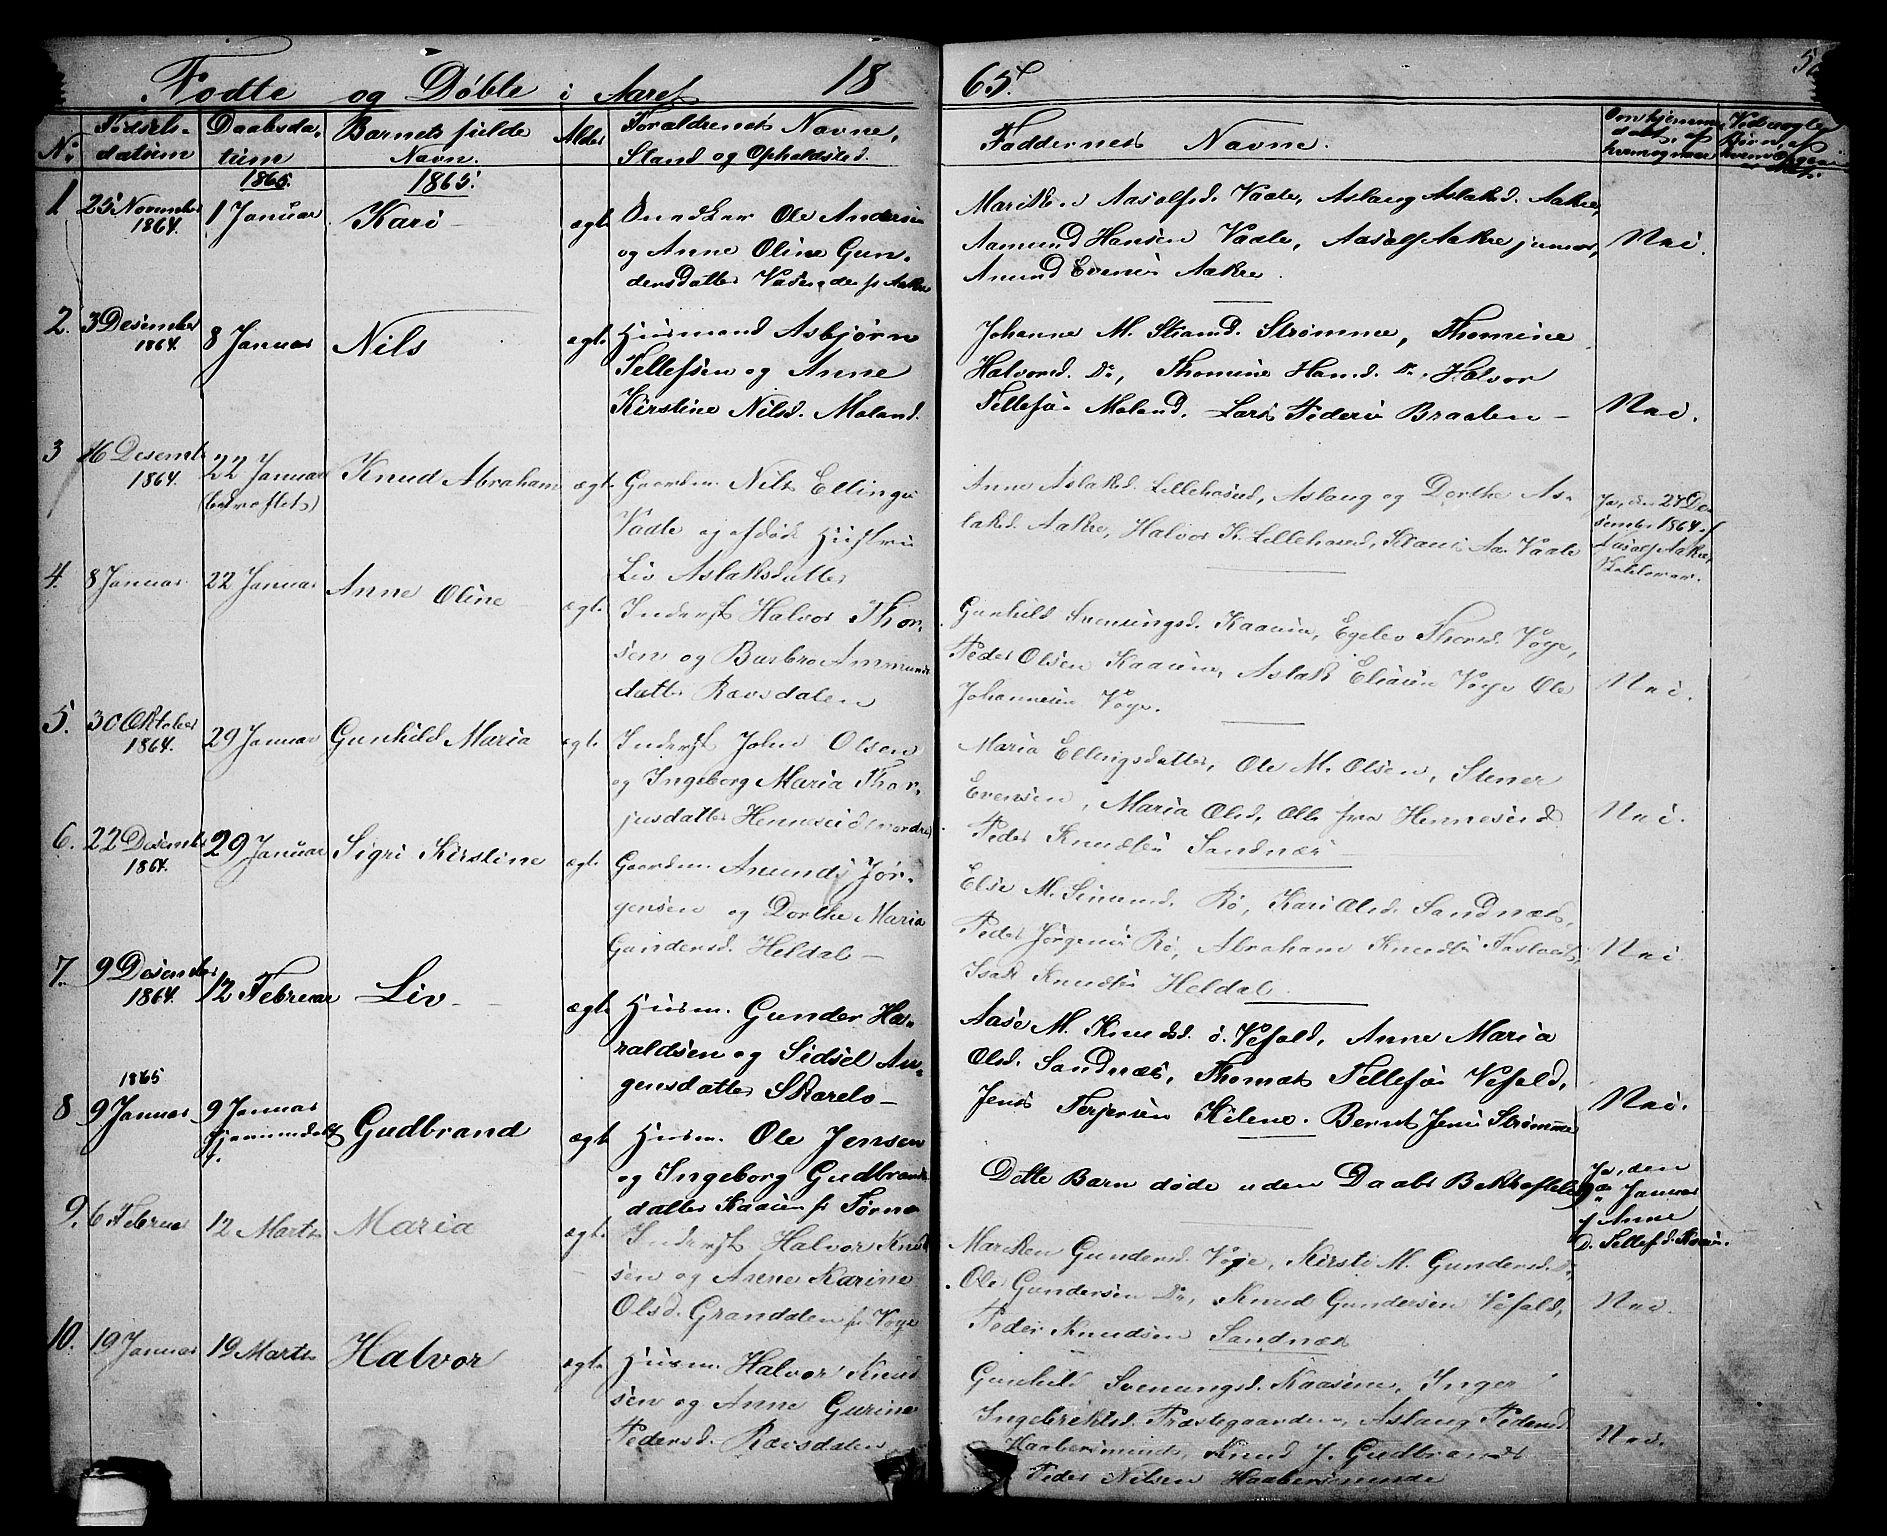 SAKO, Drangedal kirkebøker, G/Ga/L0002: Klokkerbok nr. I 2, 1856-1887, s. 58